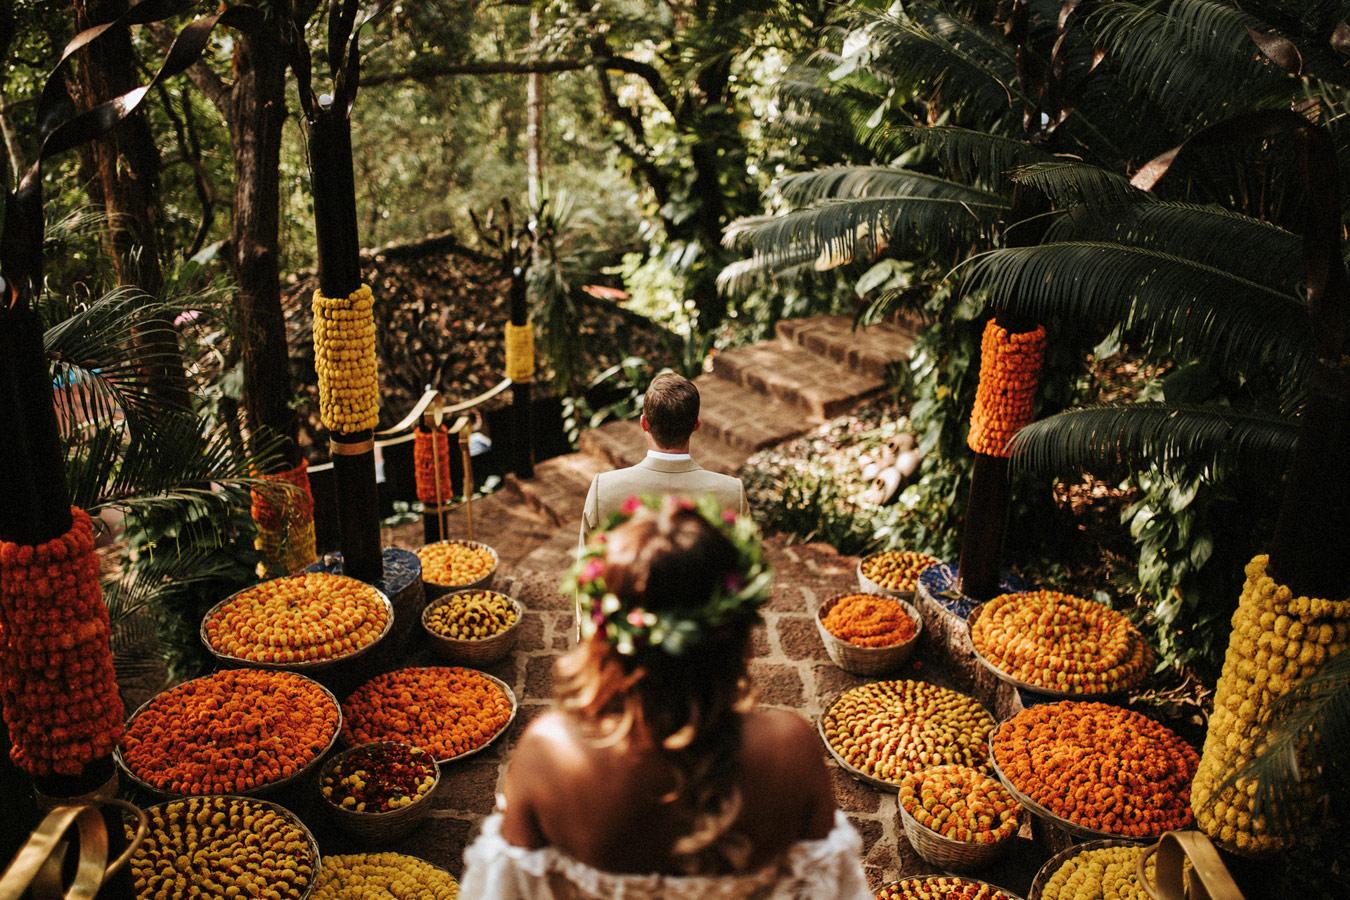 Лукас Пиятек, Германия / Lukas Piatek, Germany, 1-е место в категории «Свадьба», Конкурс свадебной фотографии Rangefinder